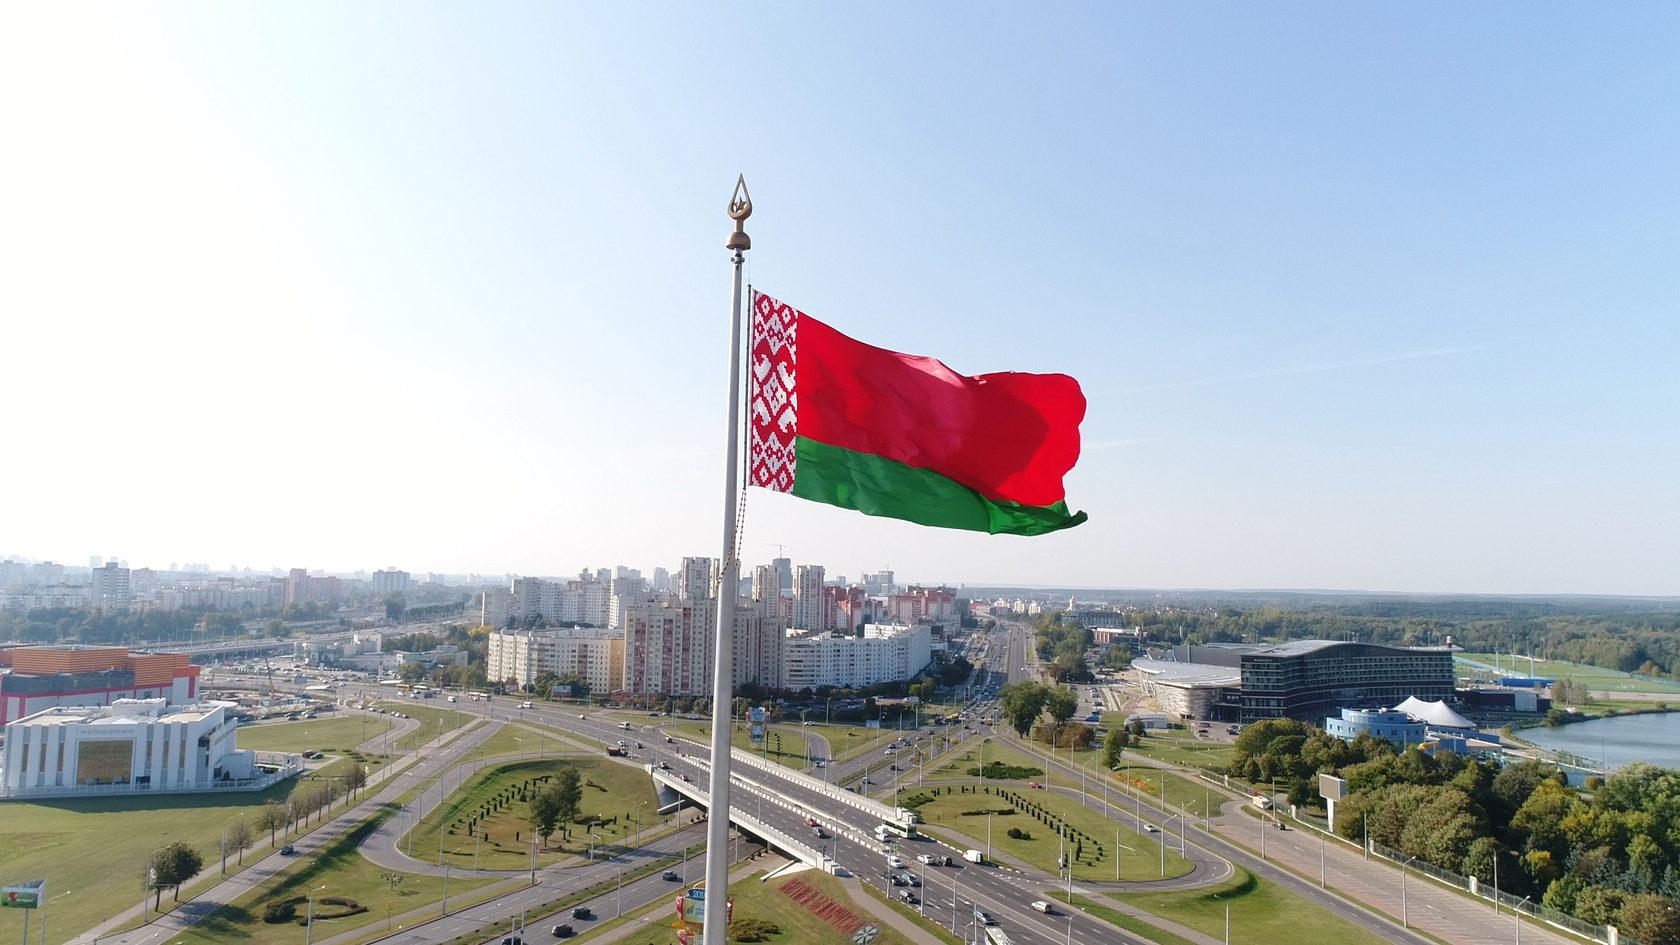 Страны «Люблинского треугольника» пытаются переманить к себе Белоруссию Белоруссия,Дзермант,Люблинский треугольник,Политика,Мир